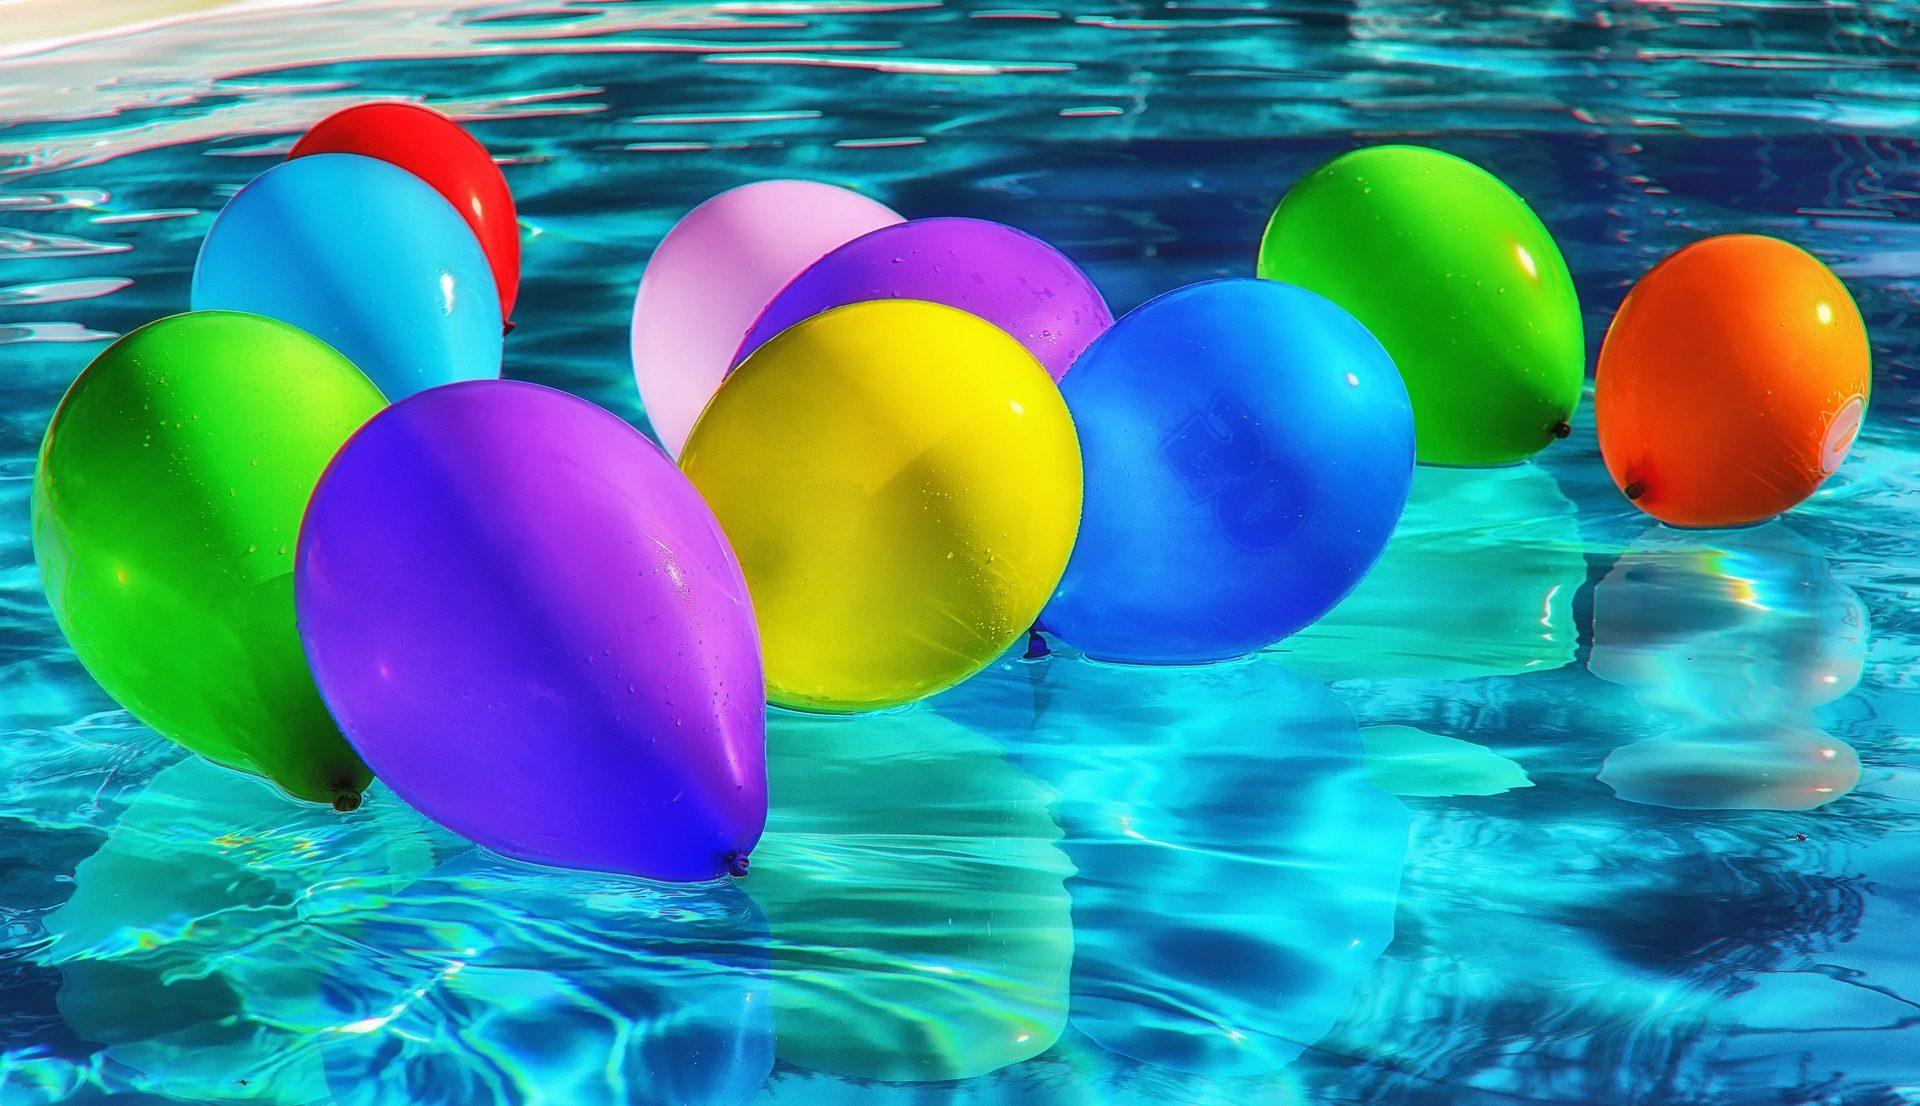 气球, 水, 游泳池, 多彩, 反思 - 高清壁纸 - 教授-falken.com